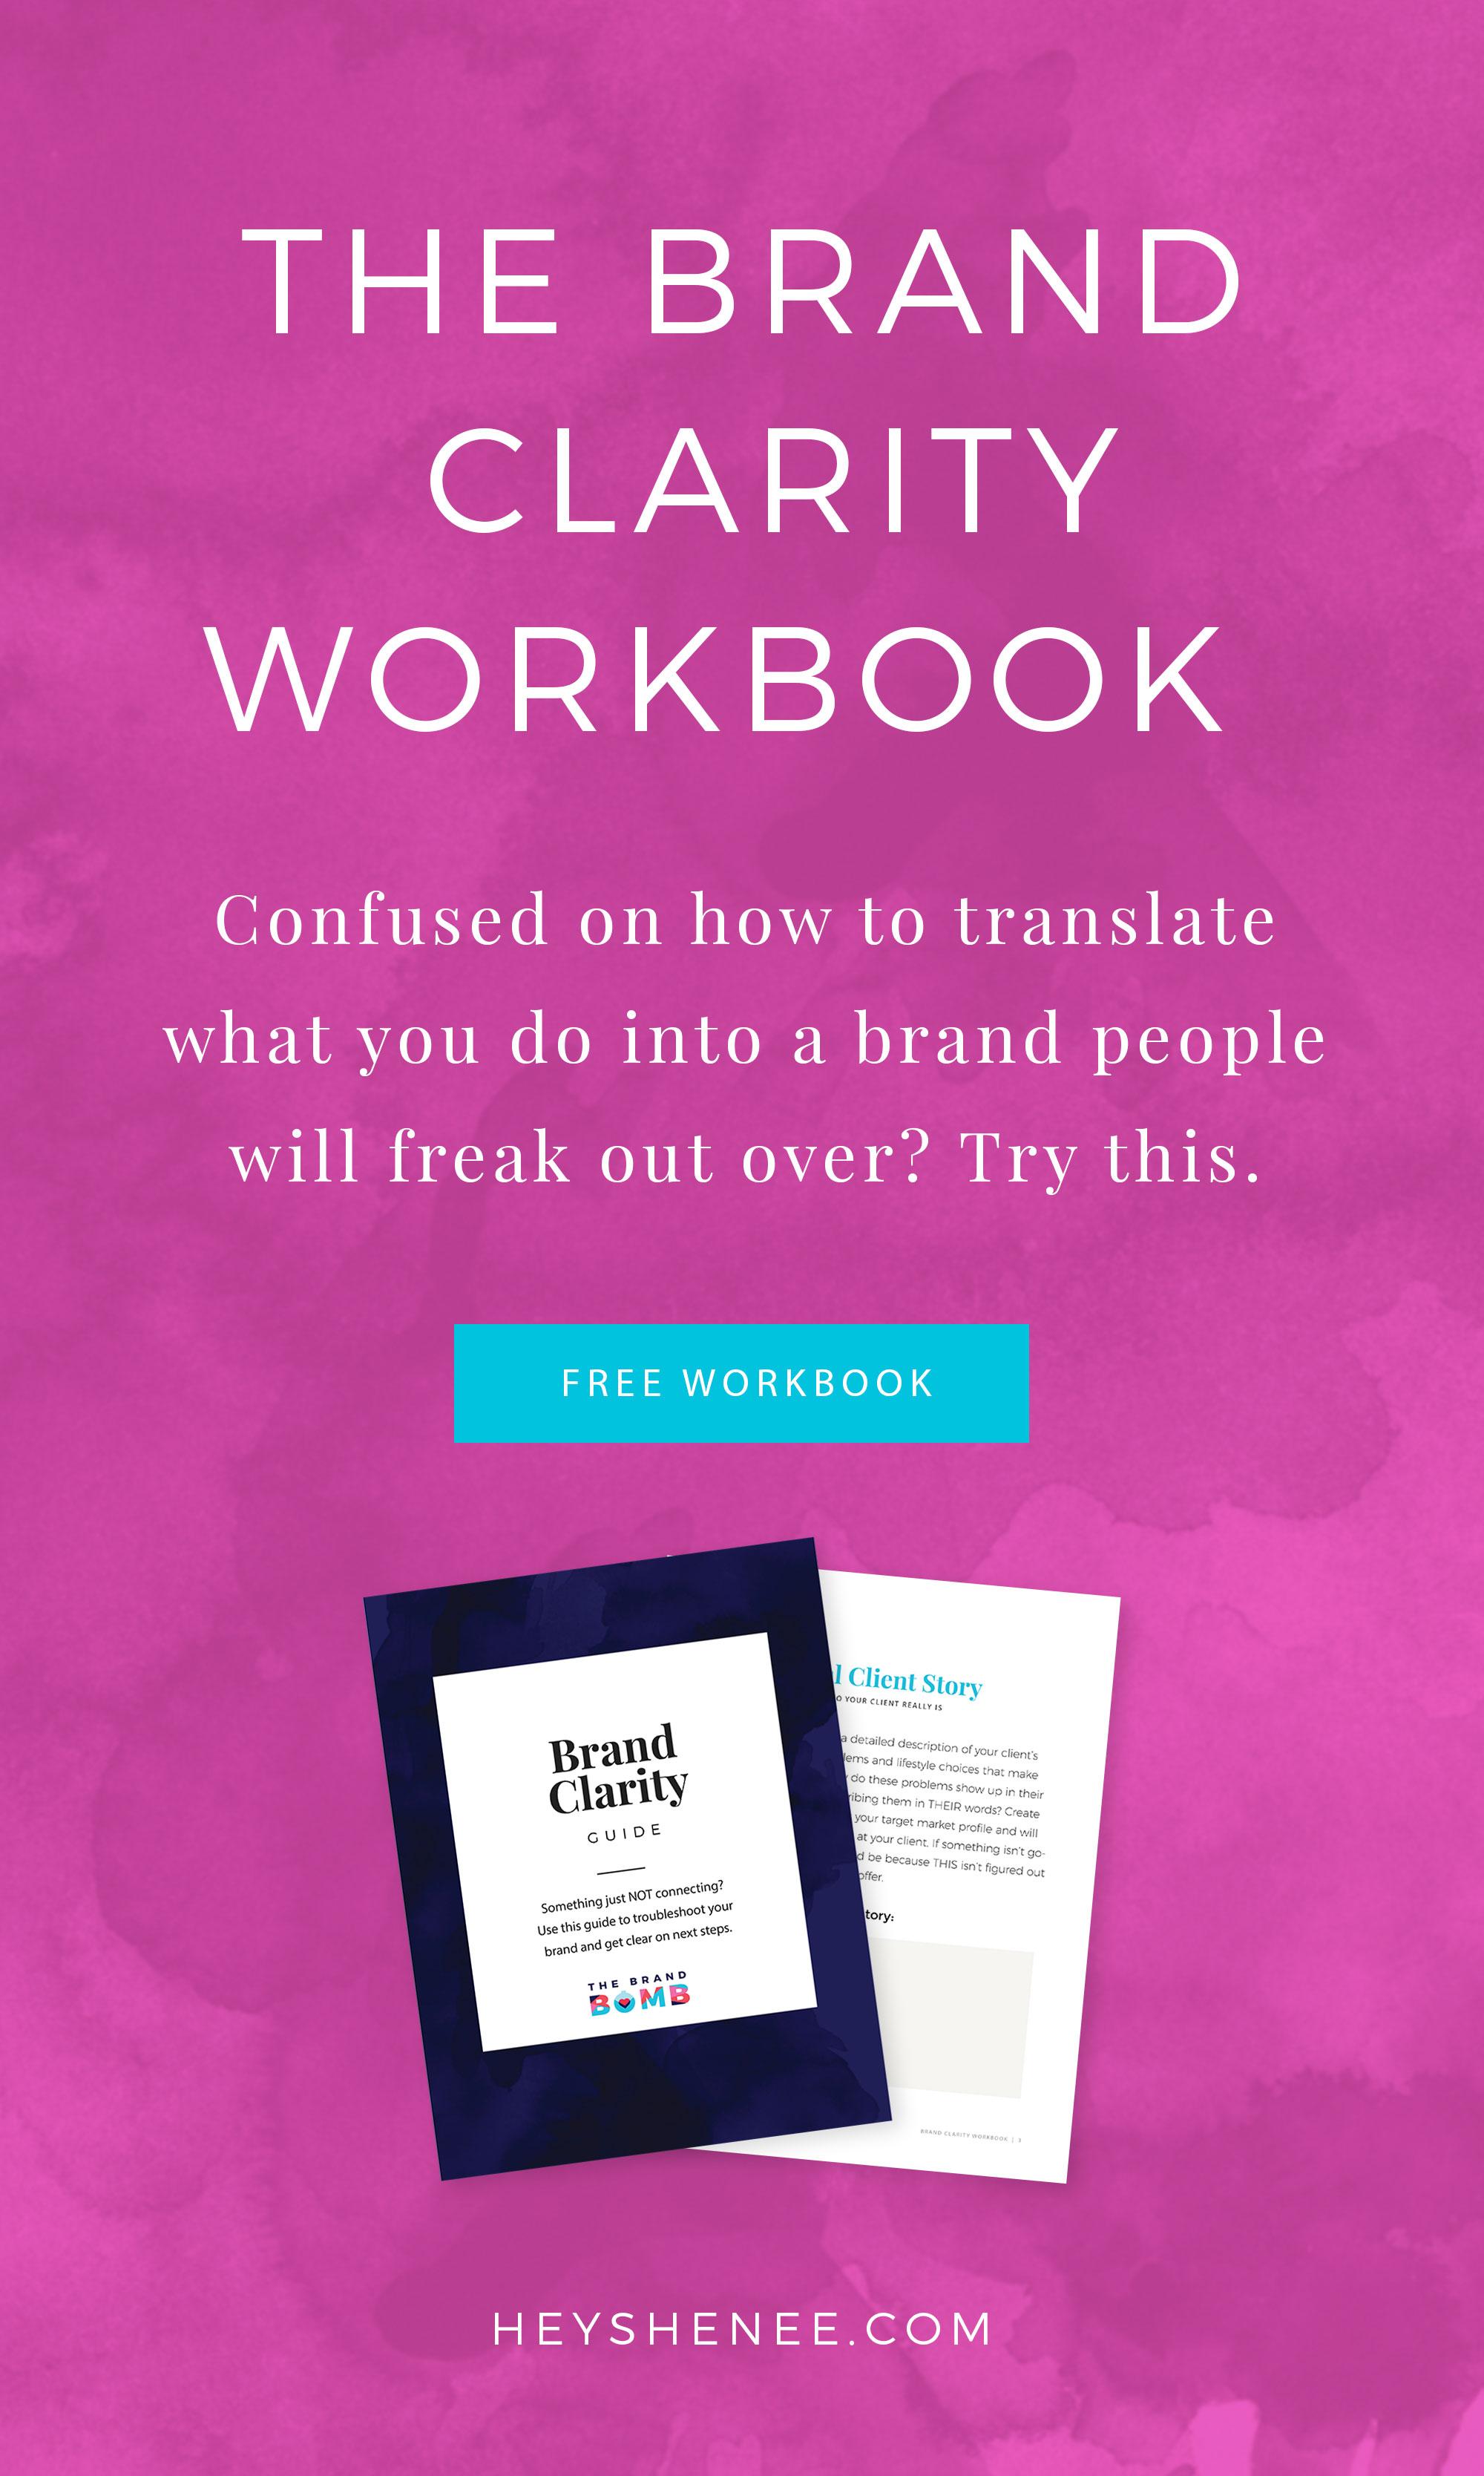 brandclarityworkbook.jpg